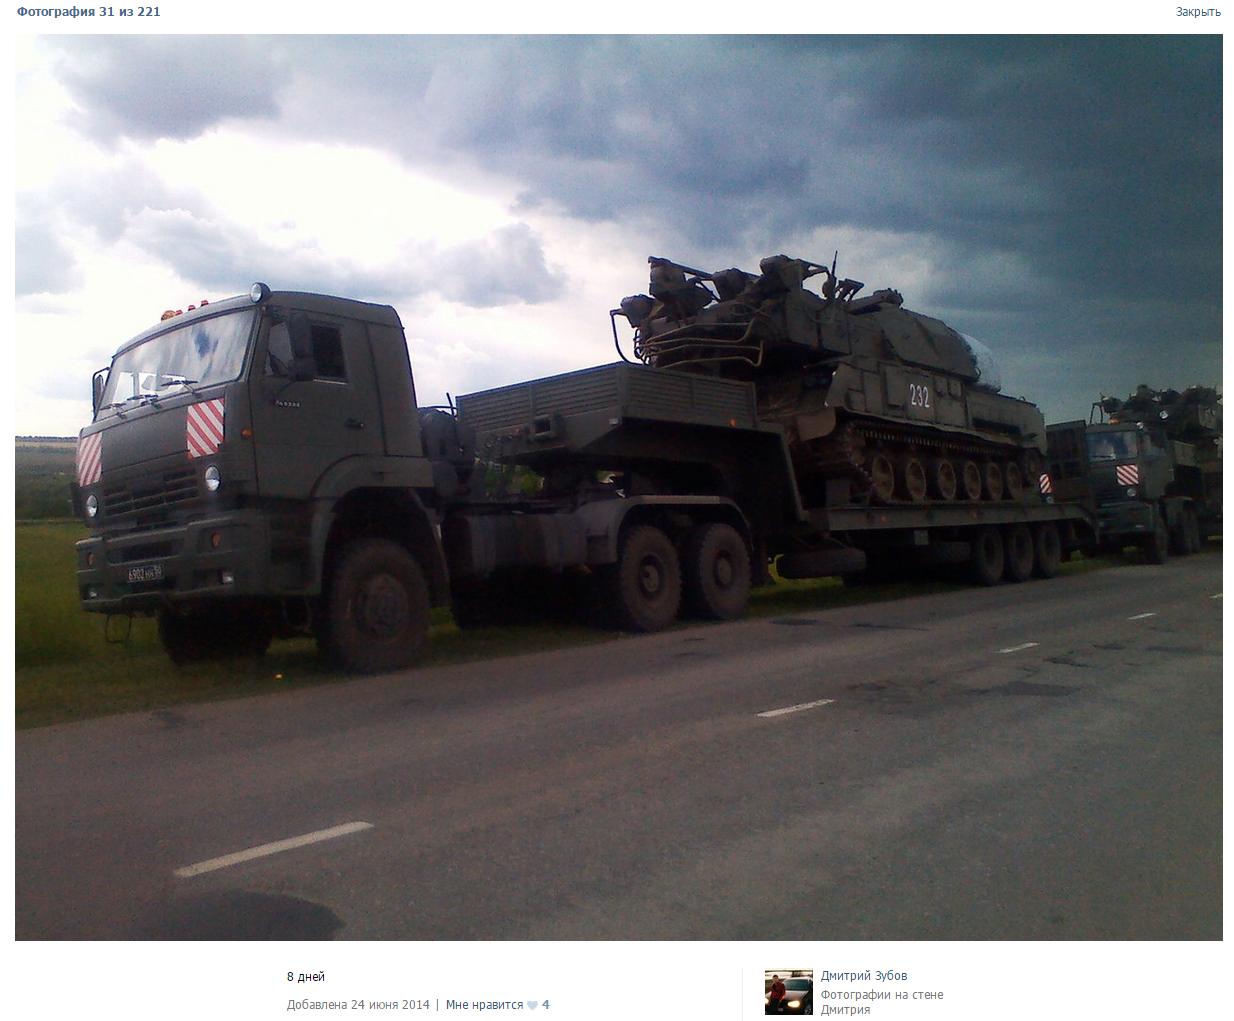 Украинские воины не покинут Широкино, пока террористы не прекратят обстрелы, - спикер АТО - Цензор.НЕТ 7137